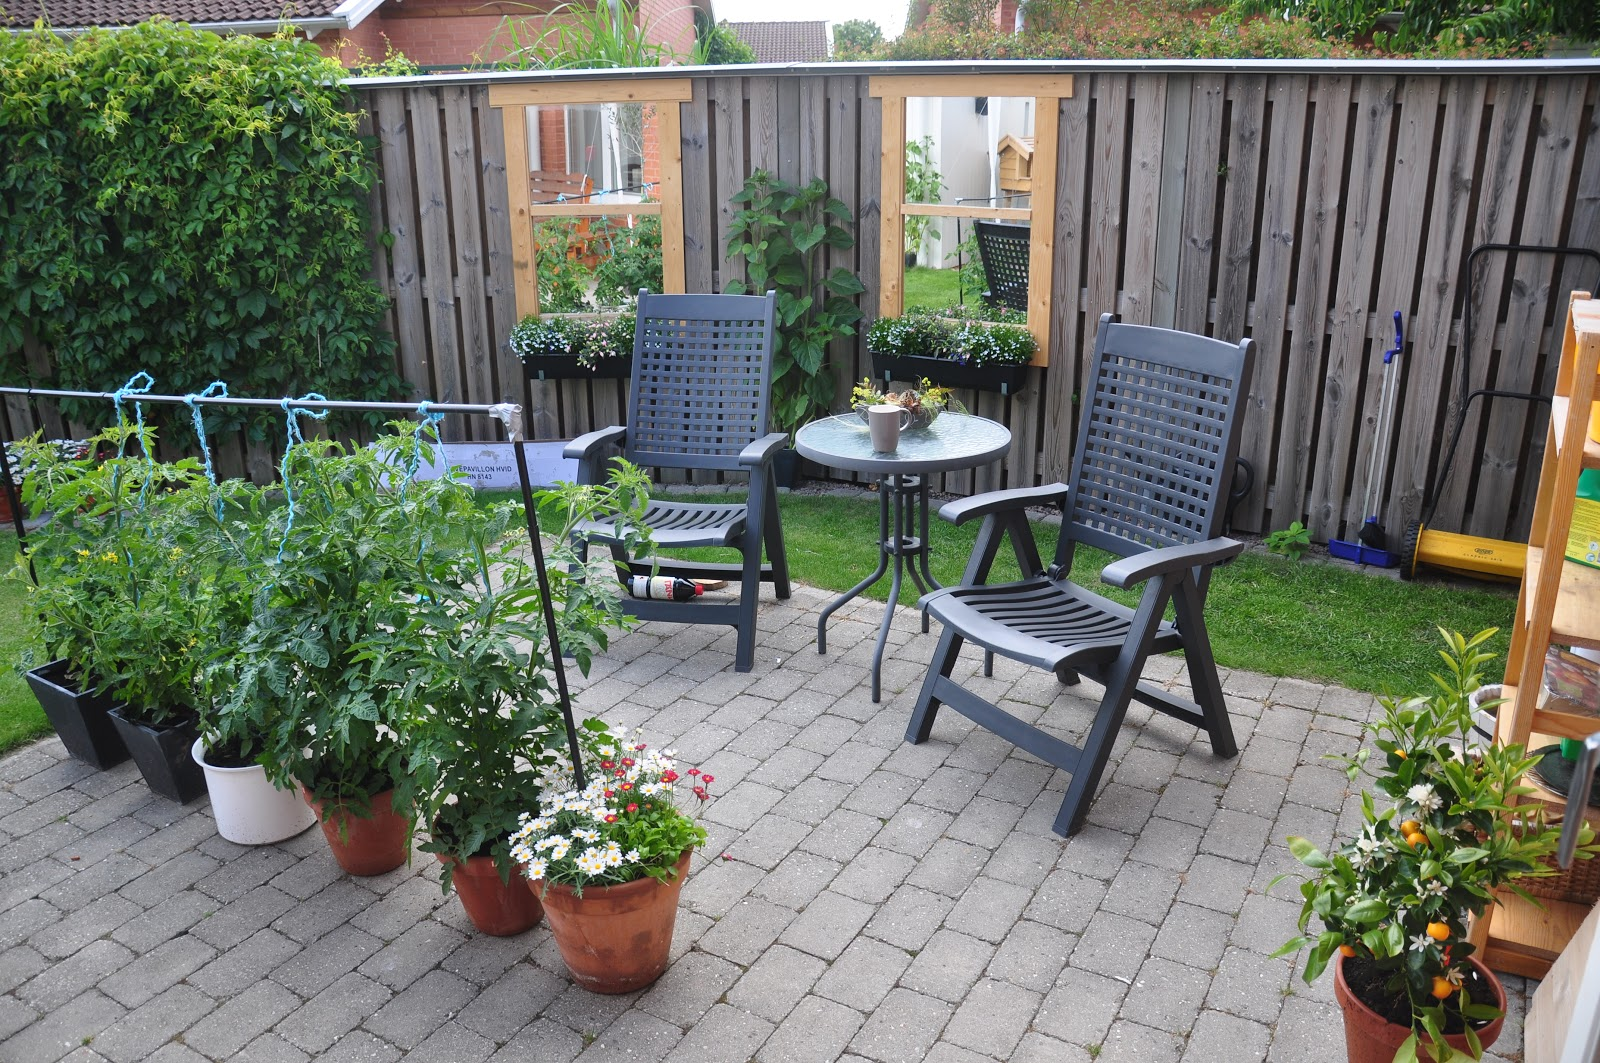 Trädgård plank trädgård : Plank Tradgard ~ Interiörinspiration och idéer för hemdesign